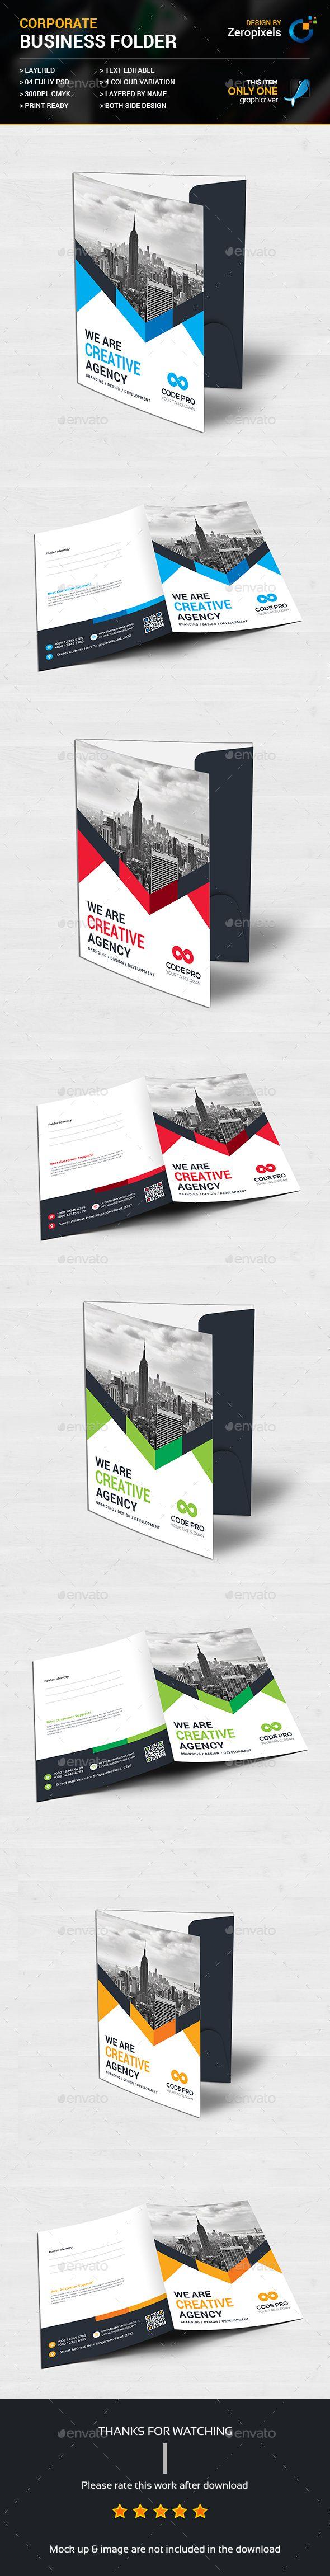 Corporate Business Folder